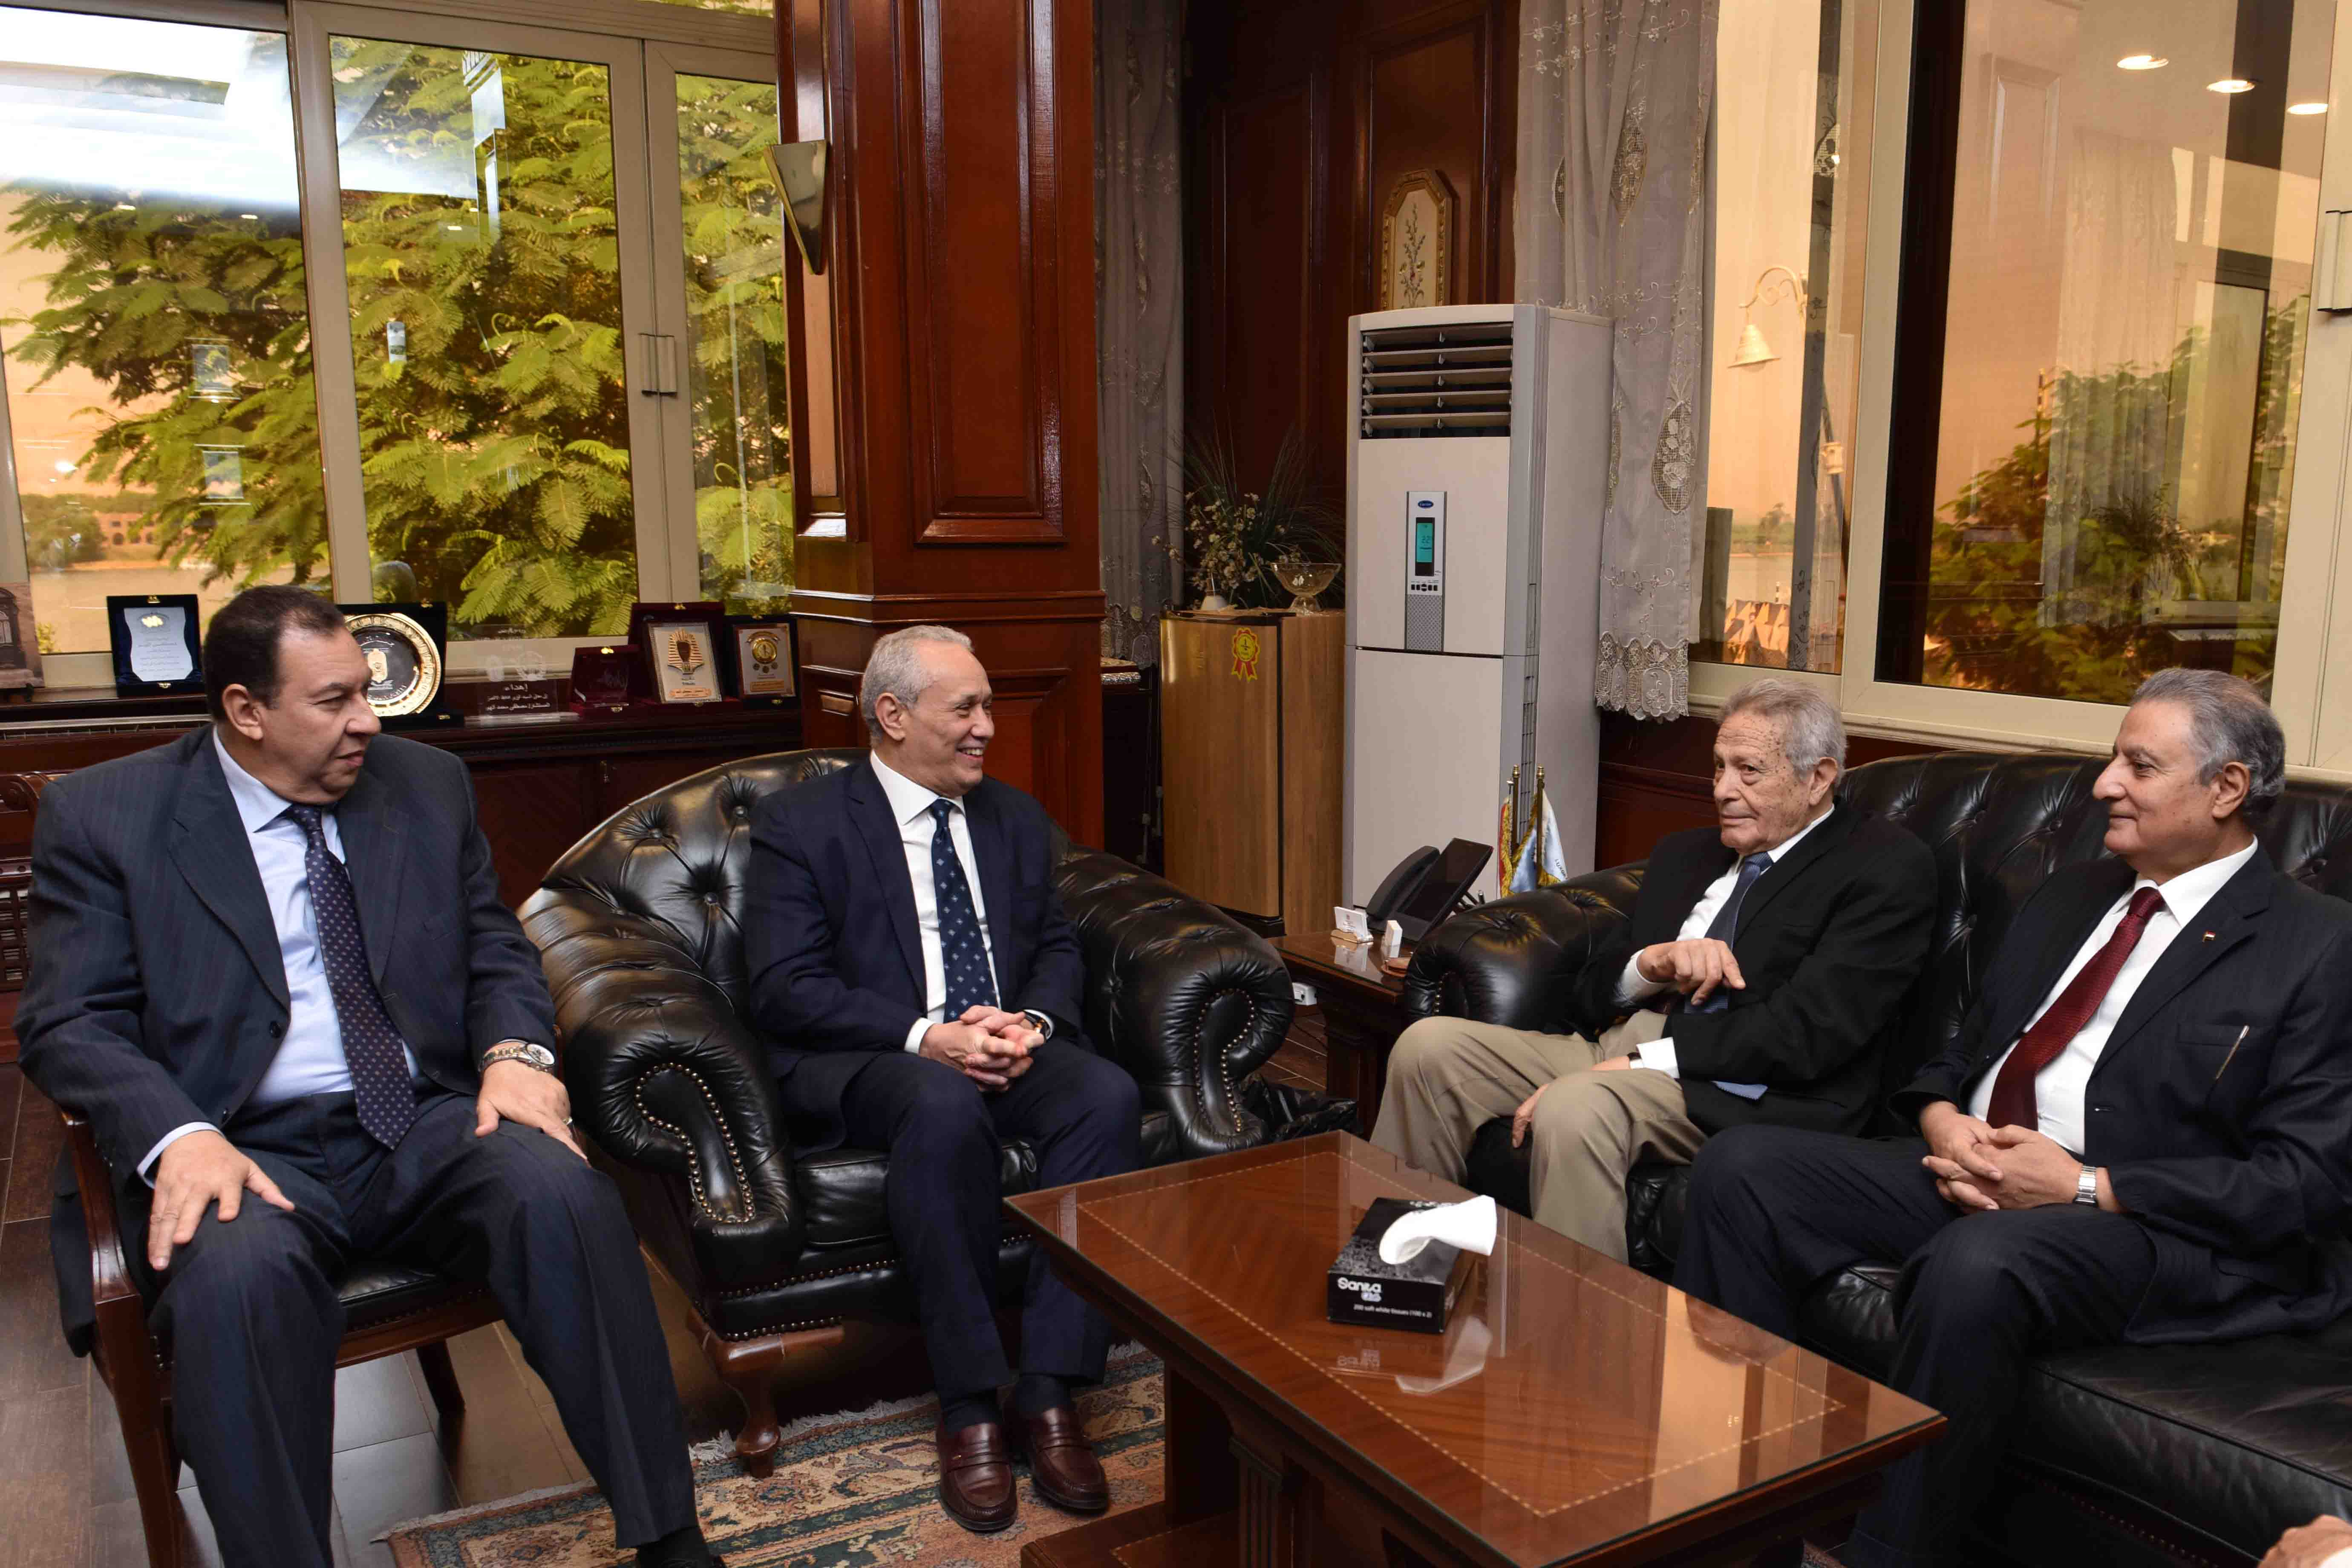 محافظ الأقصر يلتقي بمجلس إدارة مكتبات مصر لبحث إفتتاح مكتبة جديدة بمدينة طيبة (1)